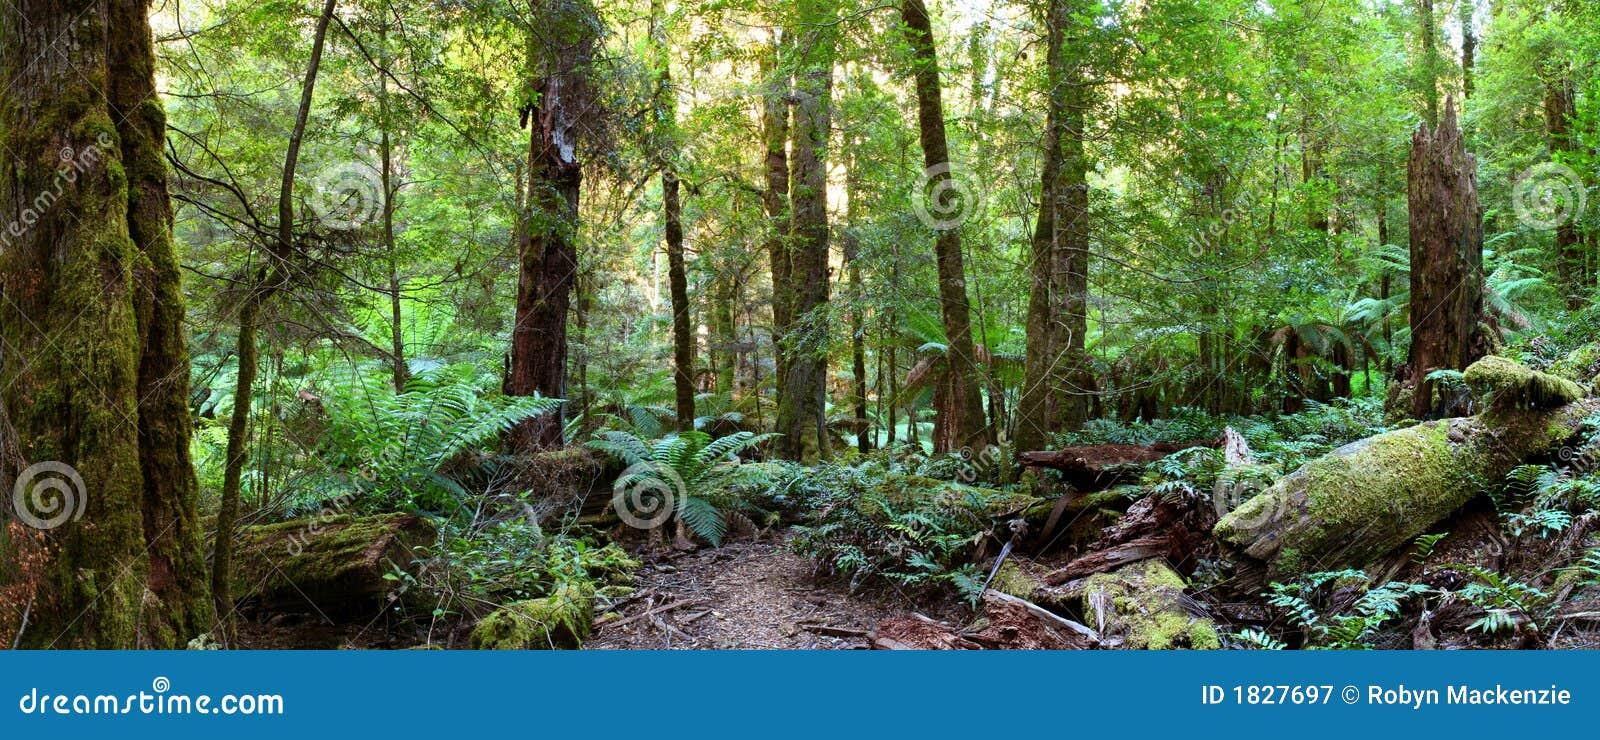 Panorama de la selva tropical